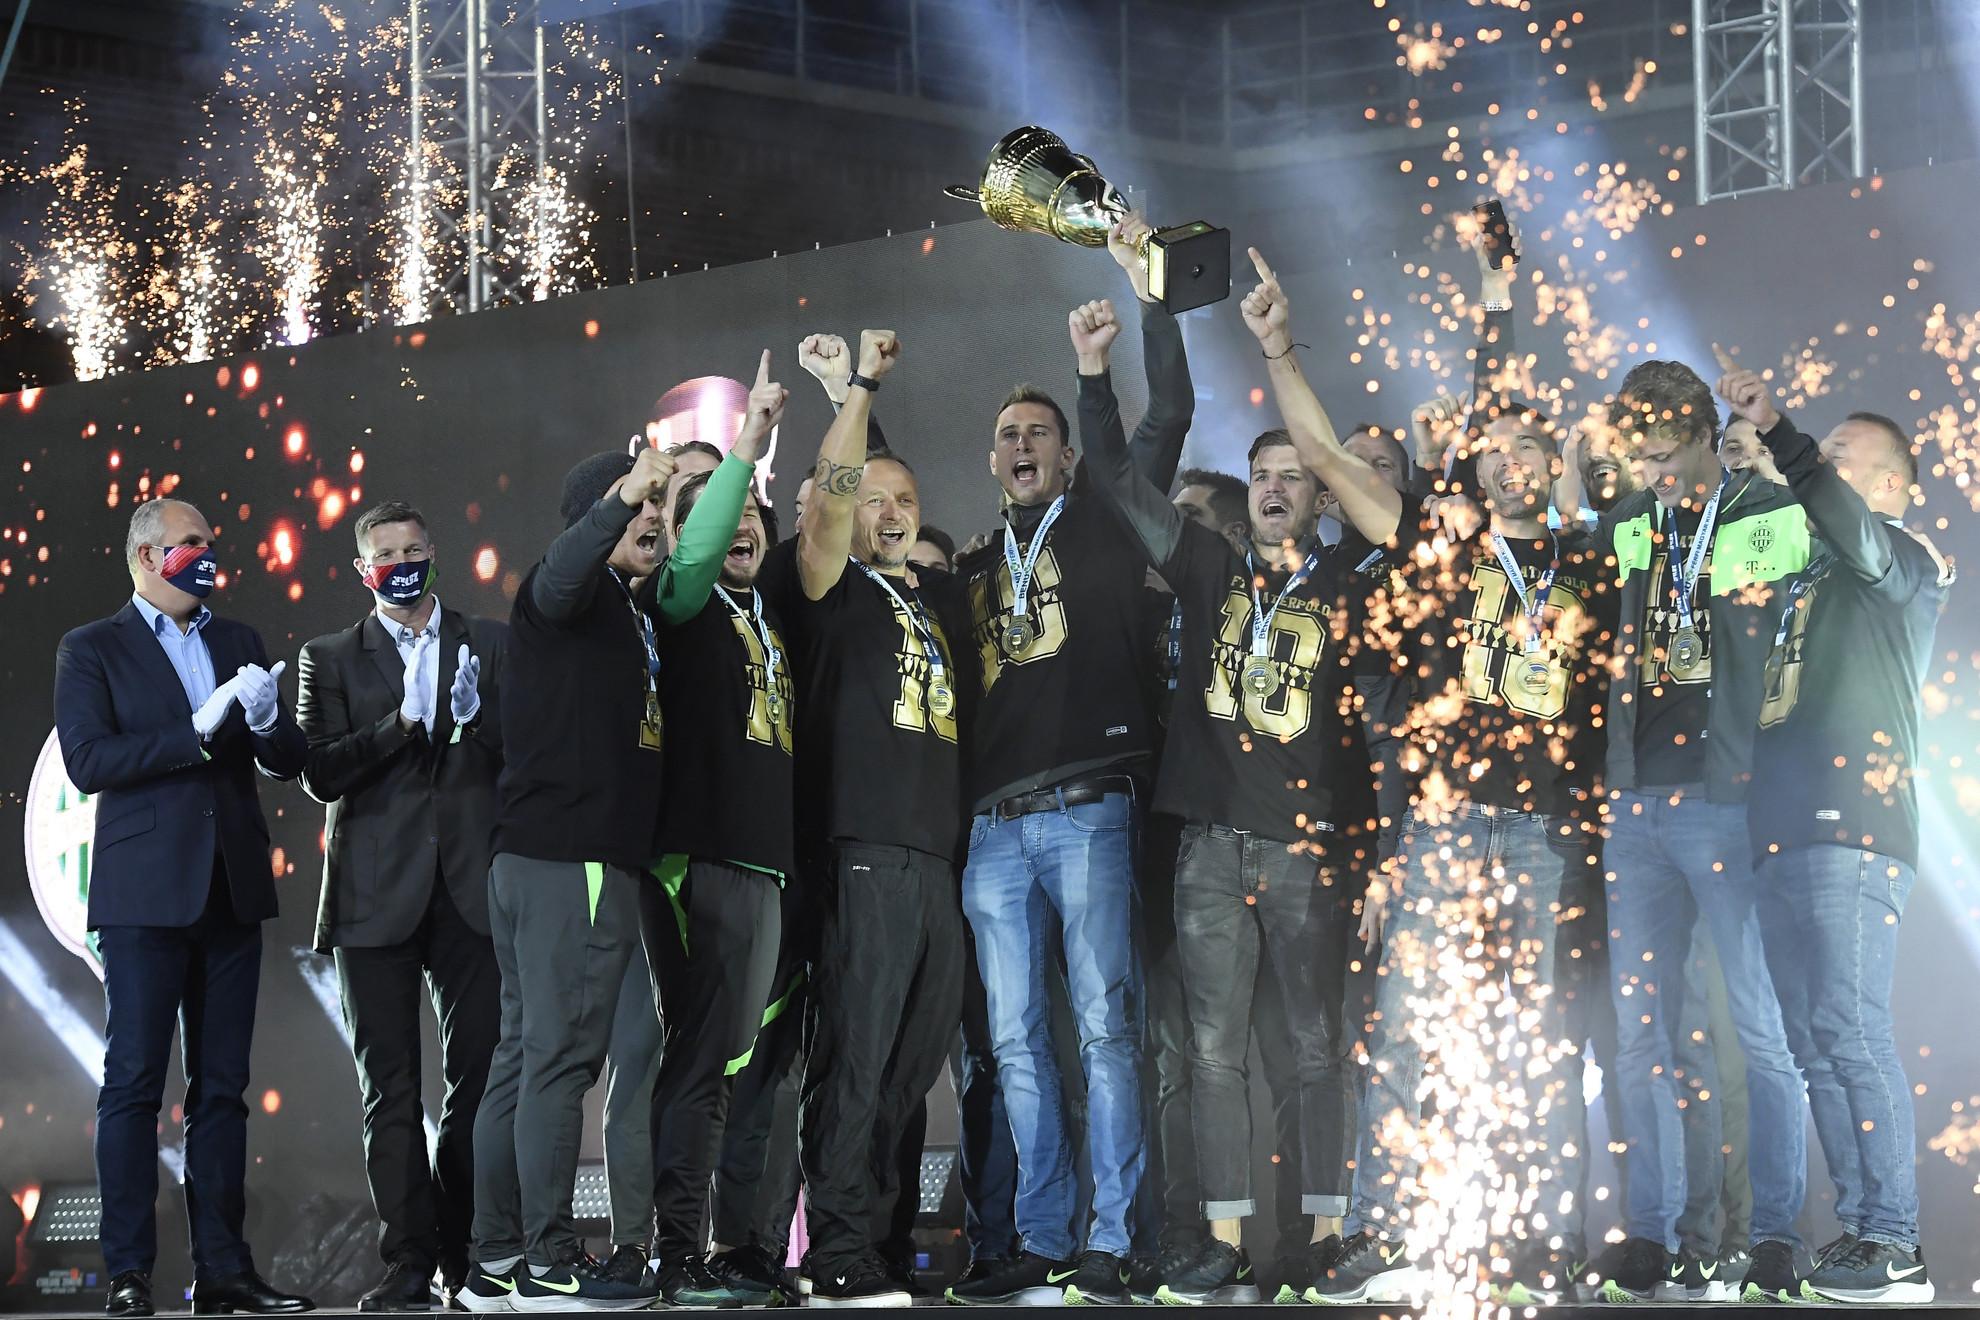 A győztes FTC csapata a kupával a BENU Férfi Magyar Kupa döntőjében játszott Szolnoki Dózsa - FTC-Telekom Waterpolo mérkőzés után a margitszigeti Hajós Alfréd Nemzeti Sportuszodában